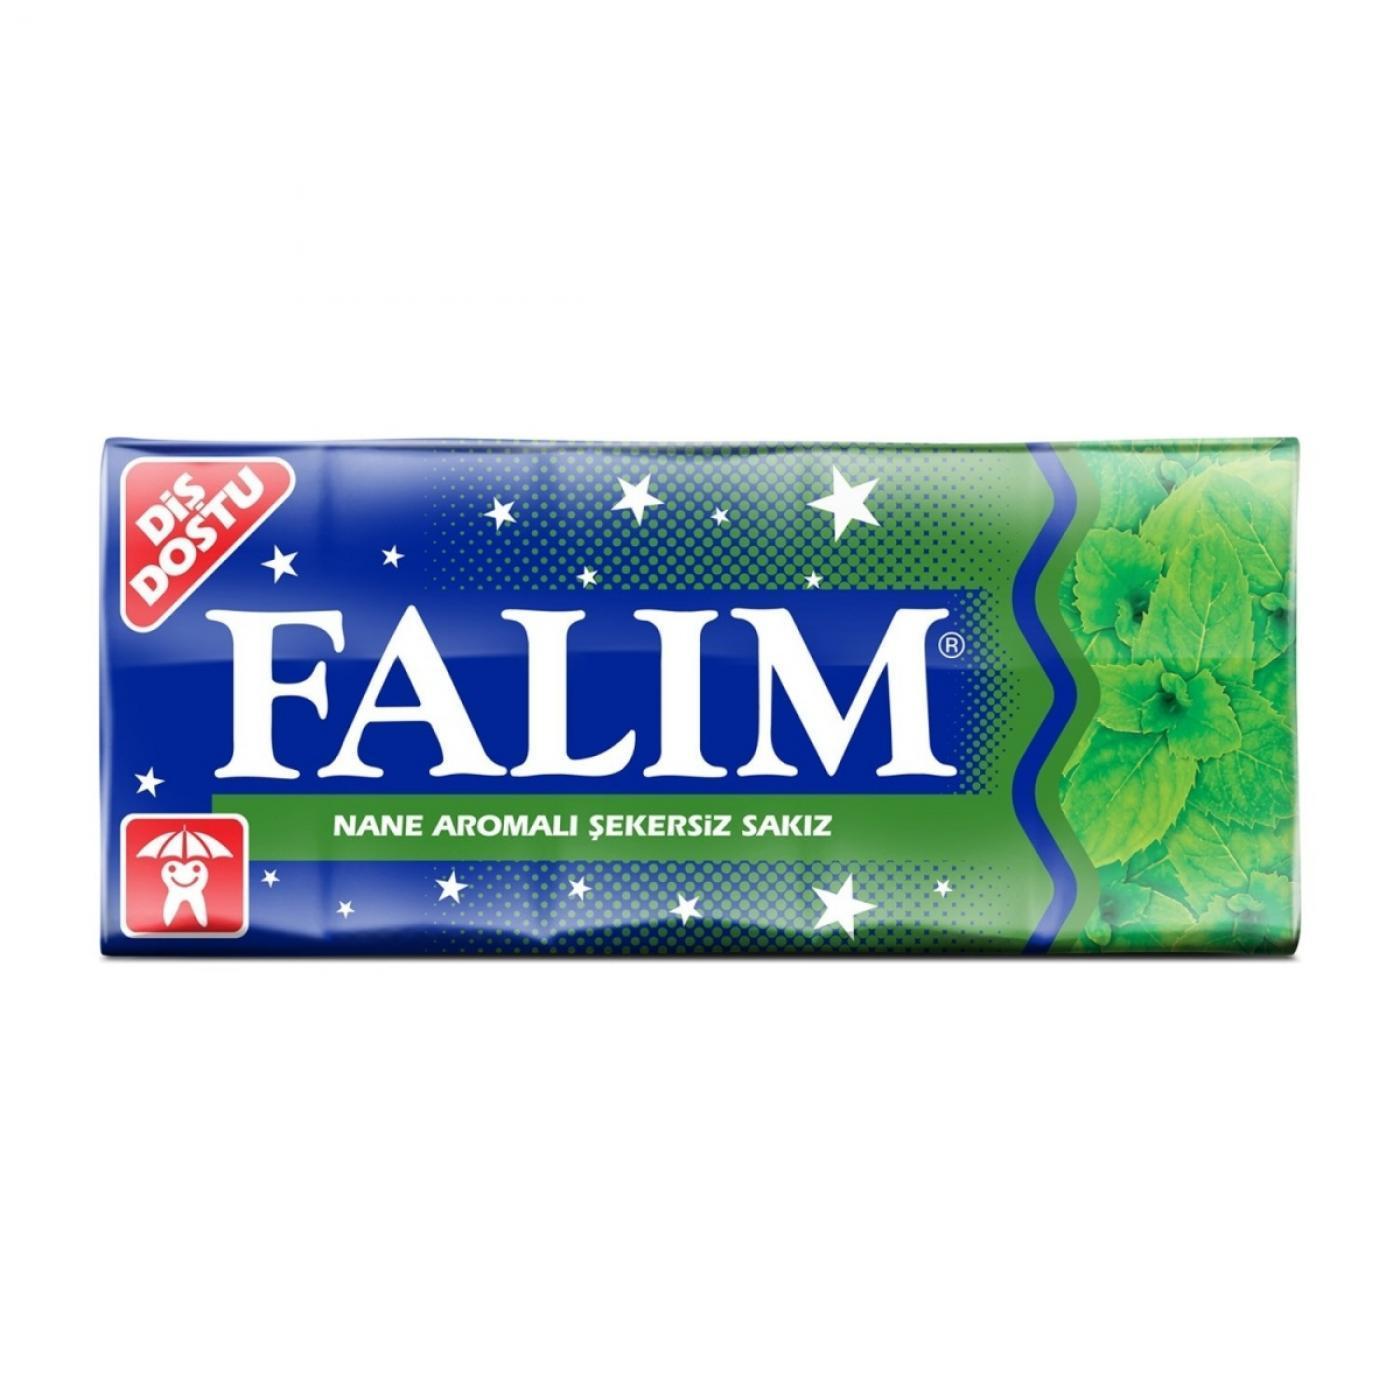 FALIM 5Lİ NANE